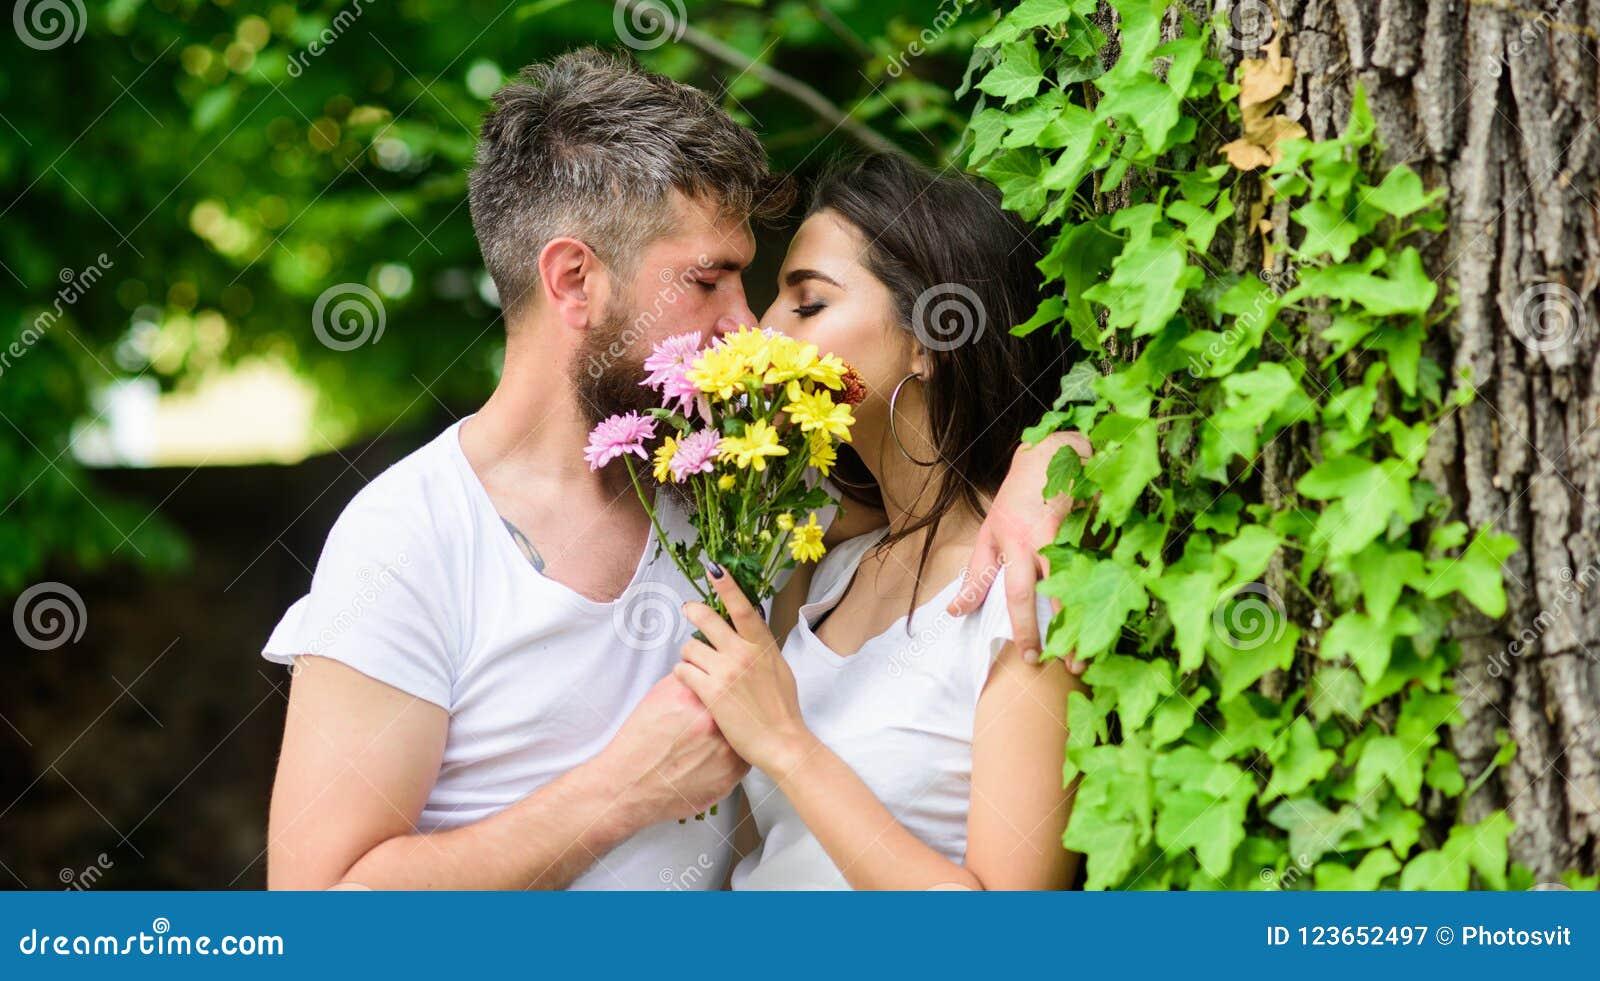 man bearded hipster kisses girlfriend secret romantic kiss moment